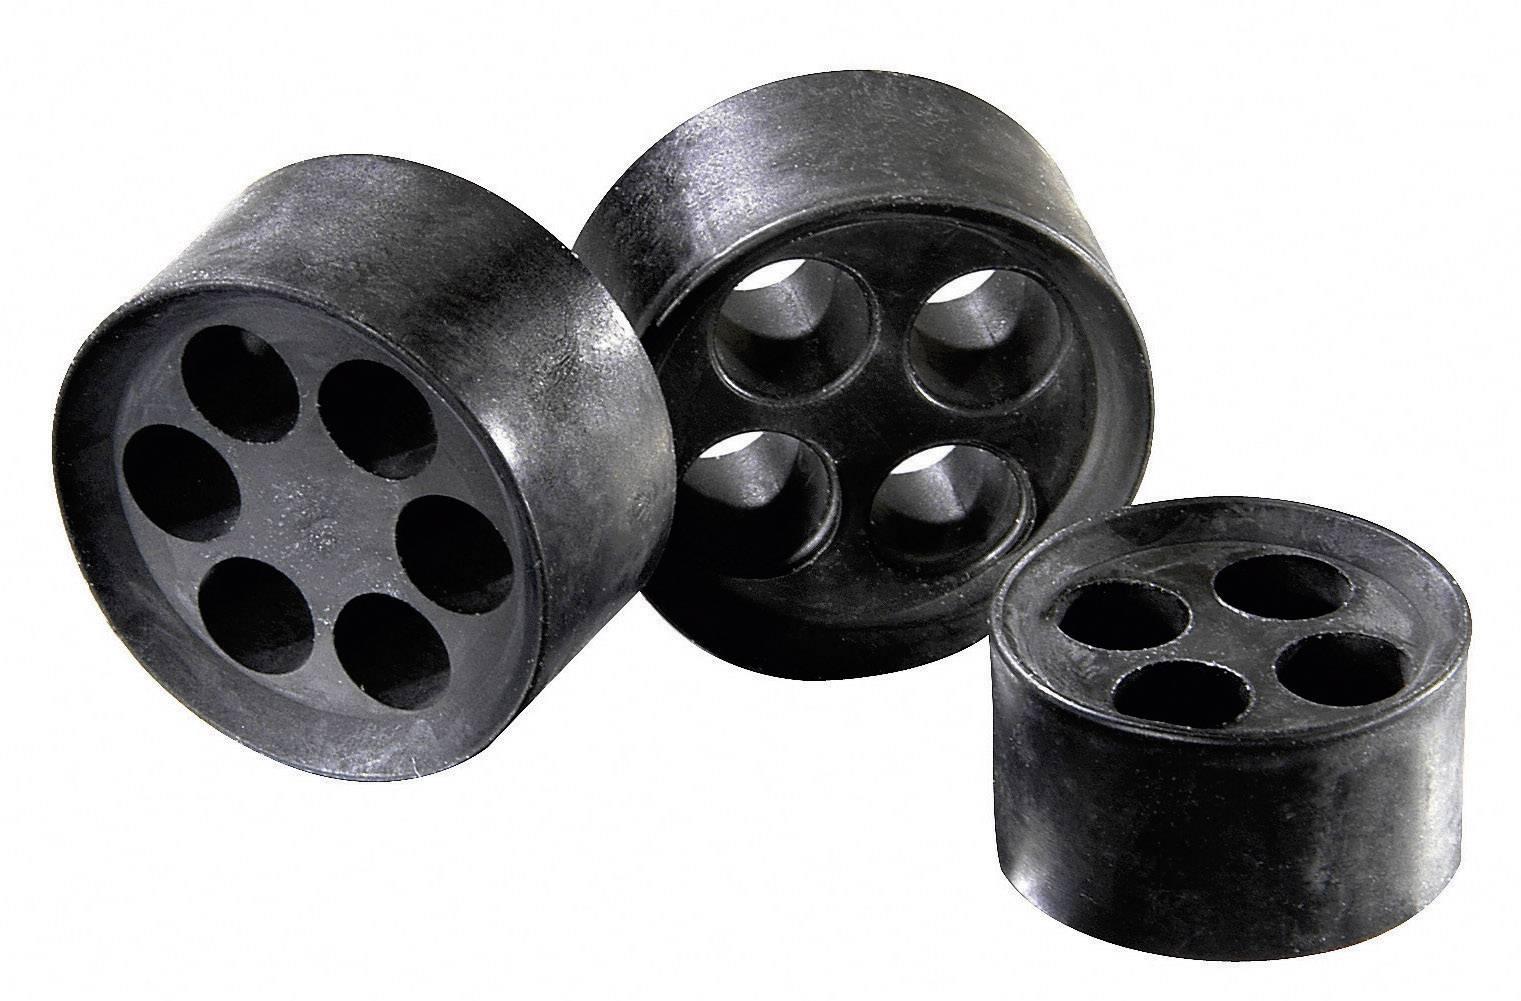 Těsnicí vložka M20 Wiska MFD 20/03/040 (10064341), IP66, M20, elastomer, černá